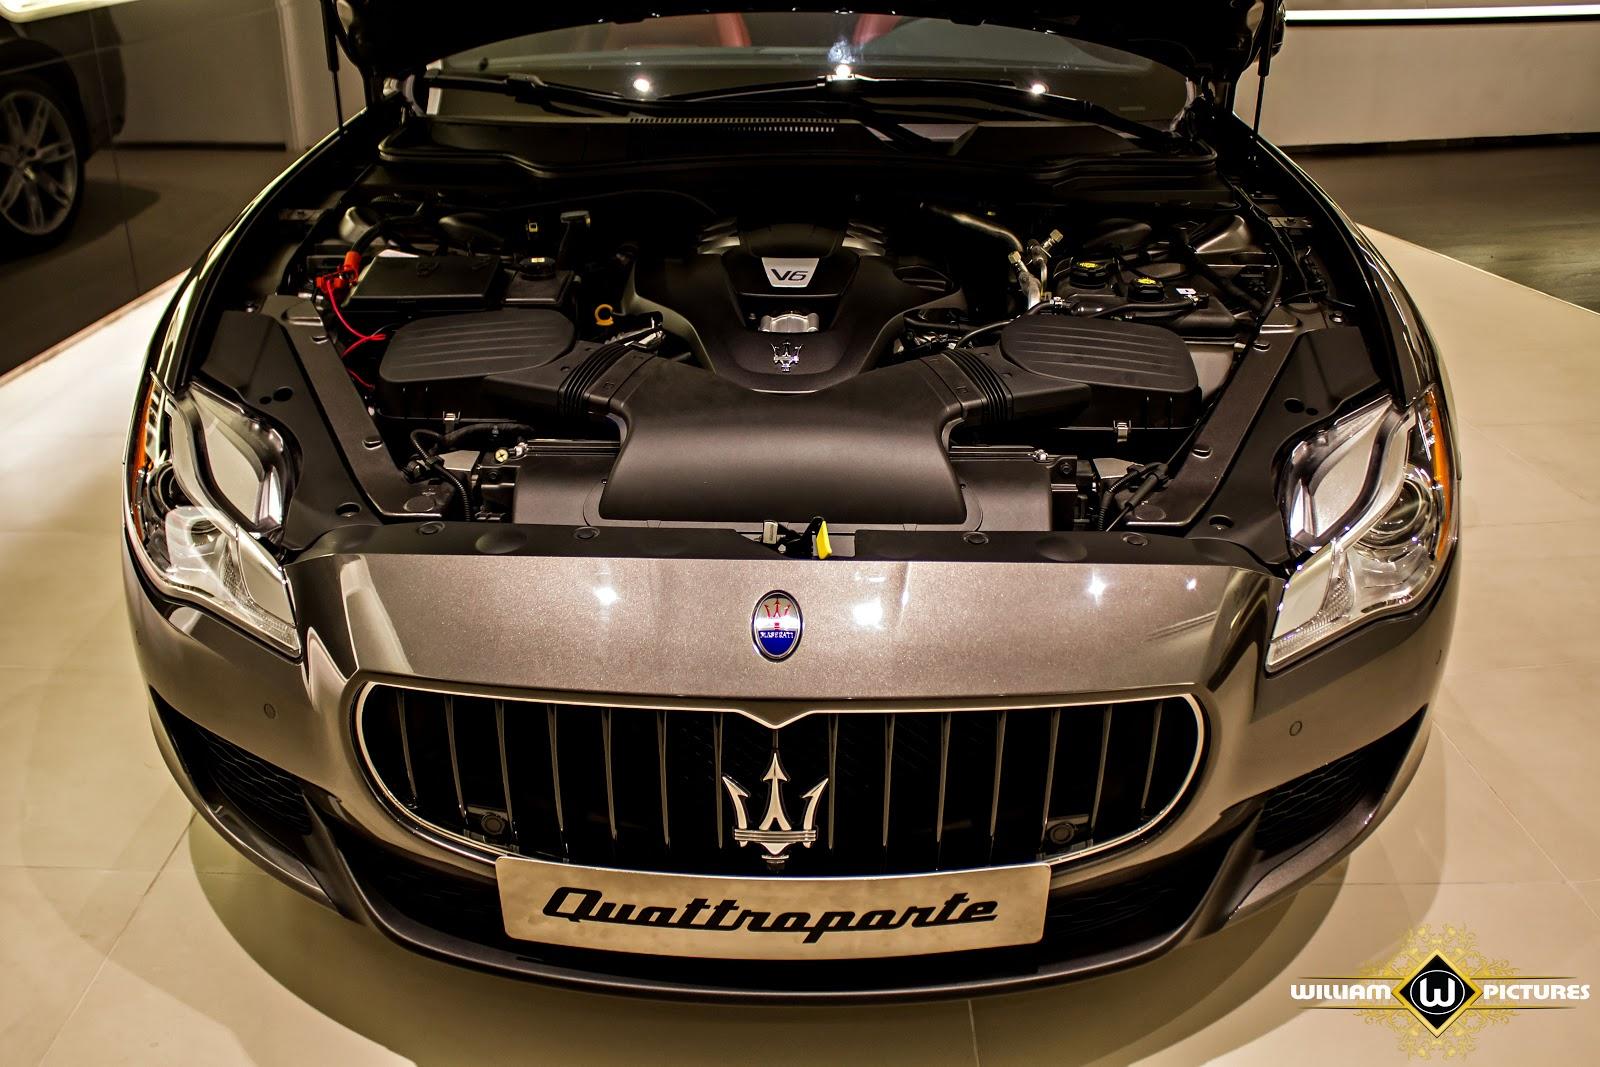 Maserati Quattroporte sẽ có nhiều phiên bản động cơ, bản cao nhất có công suất lên đến hơn 400 mã lực, còn bản thấp nhất cũng đến 330 mã lực rồi